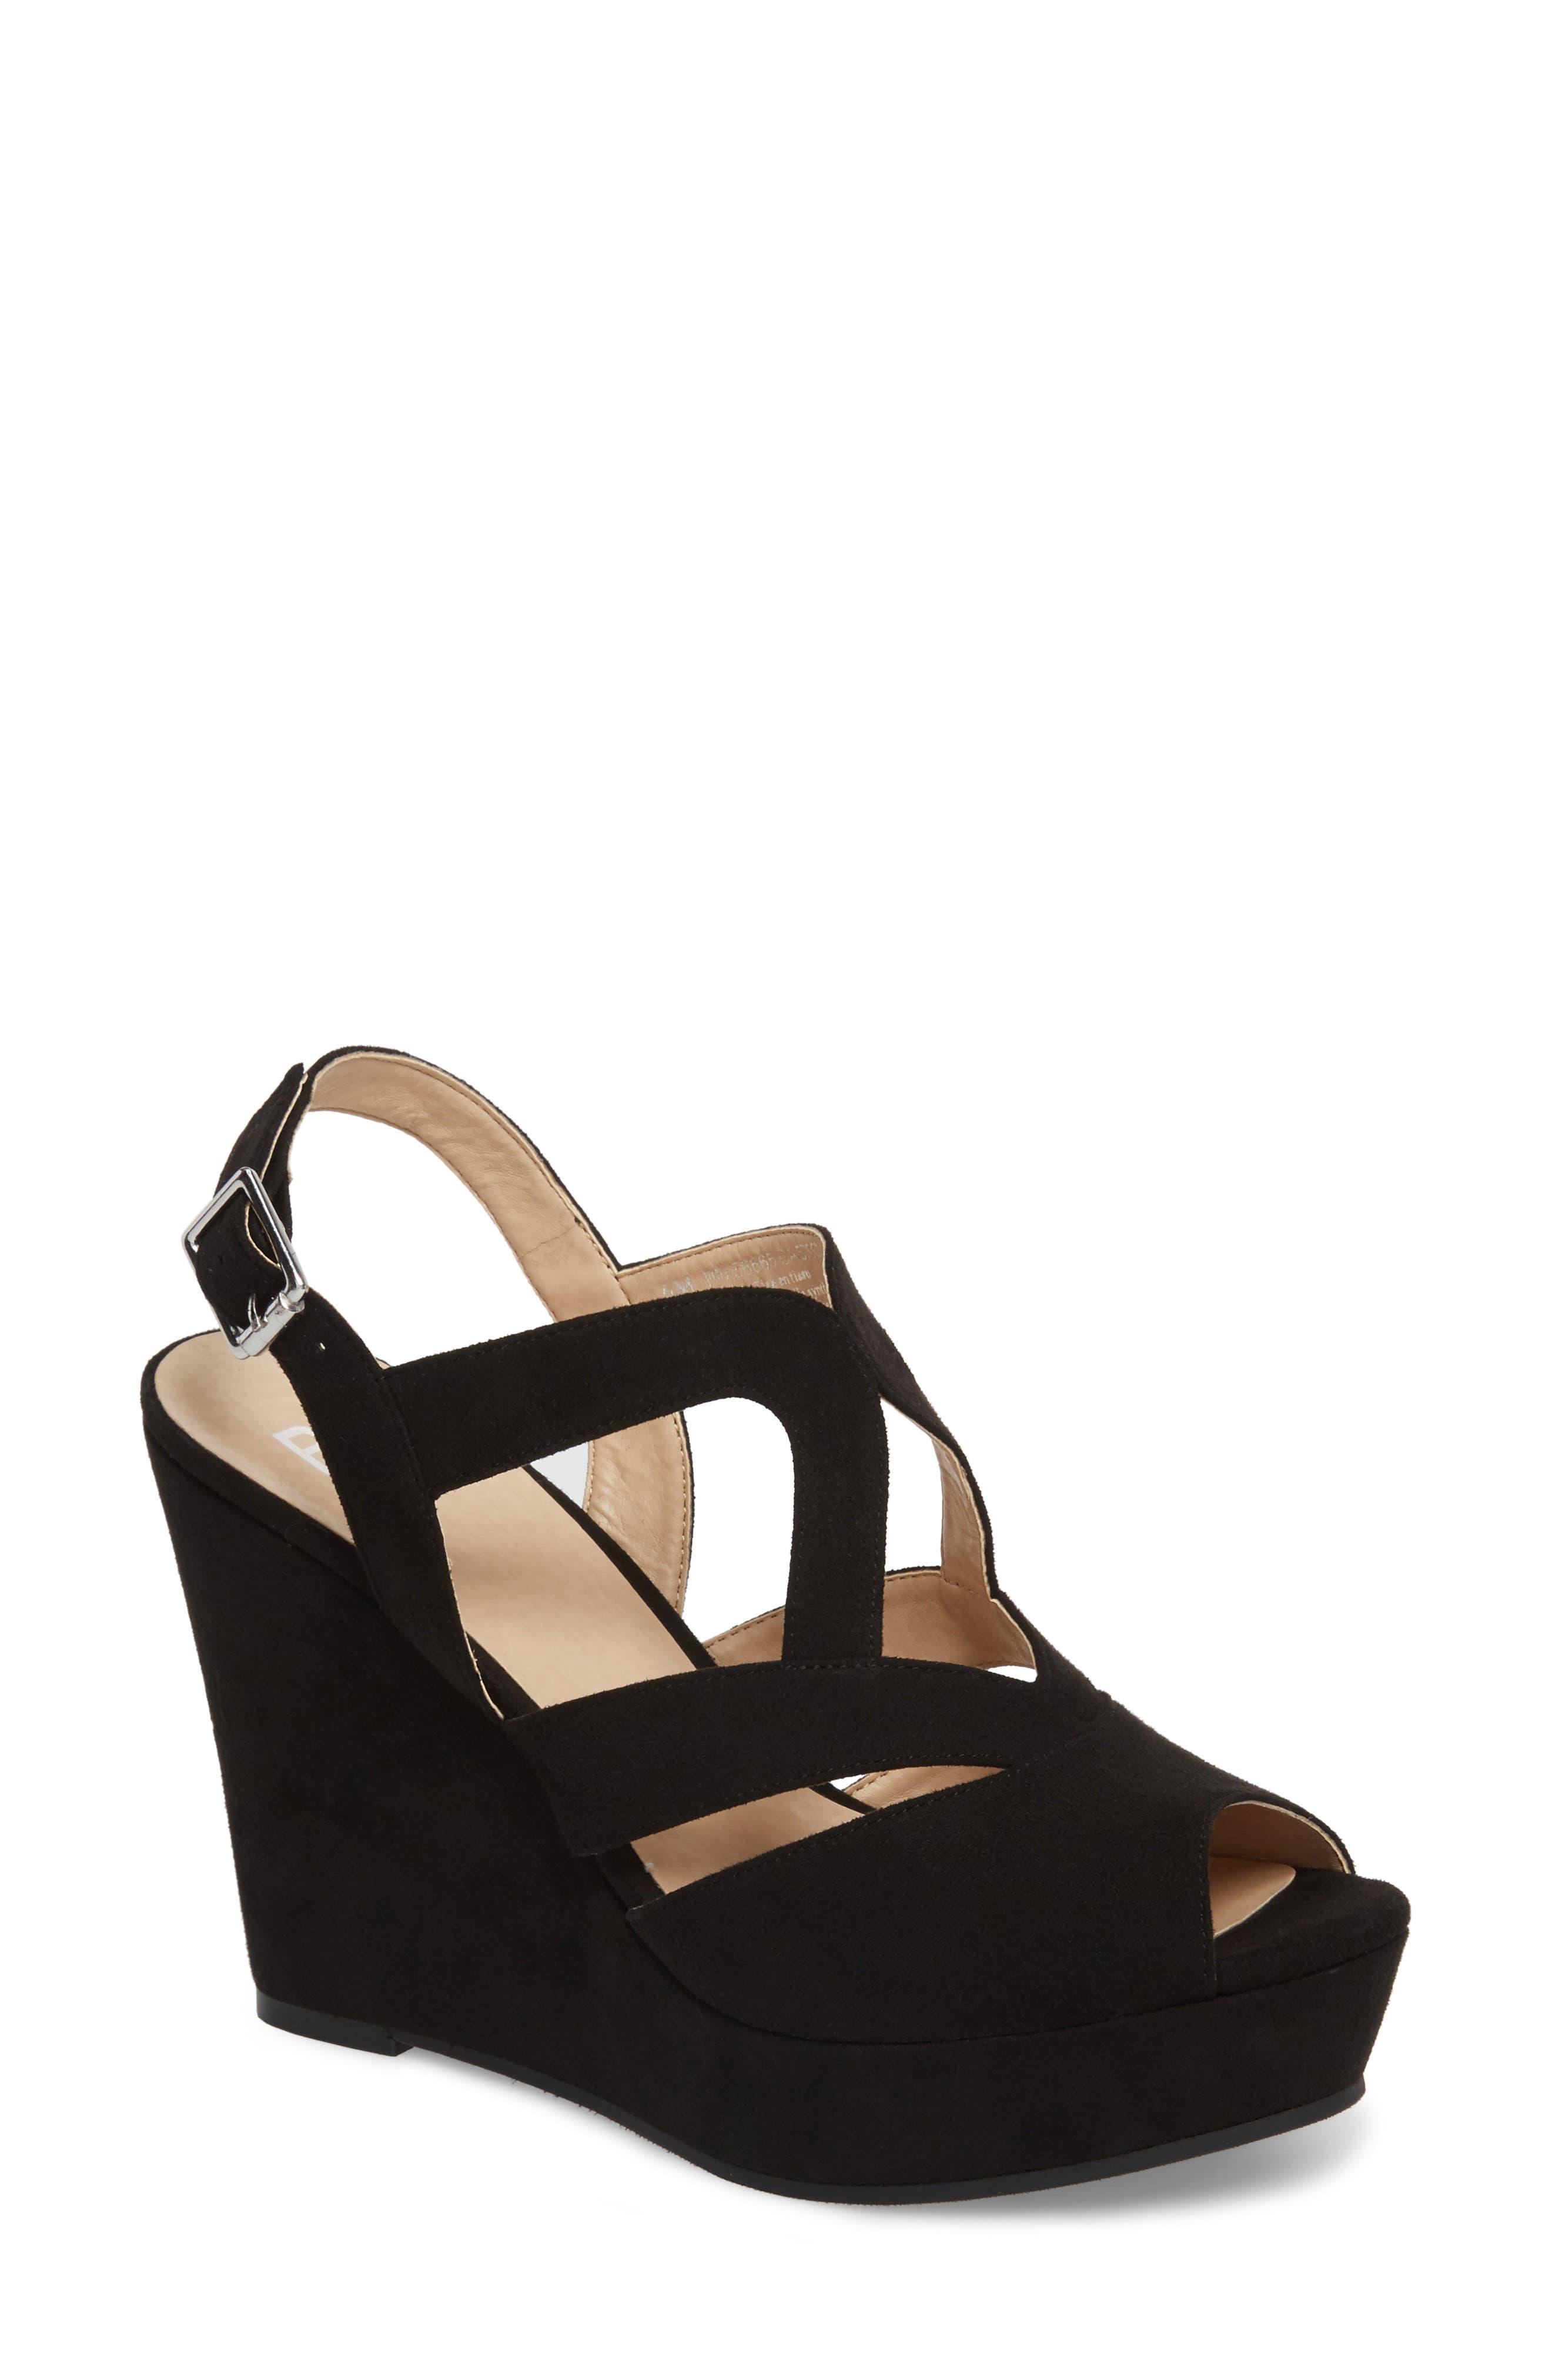 Sunny Platform Wedge Sandal,                         Main,                         color, 001